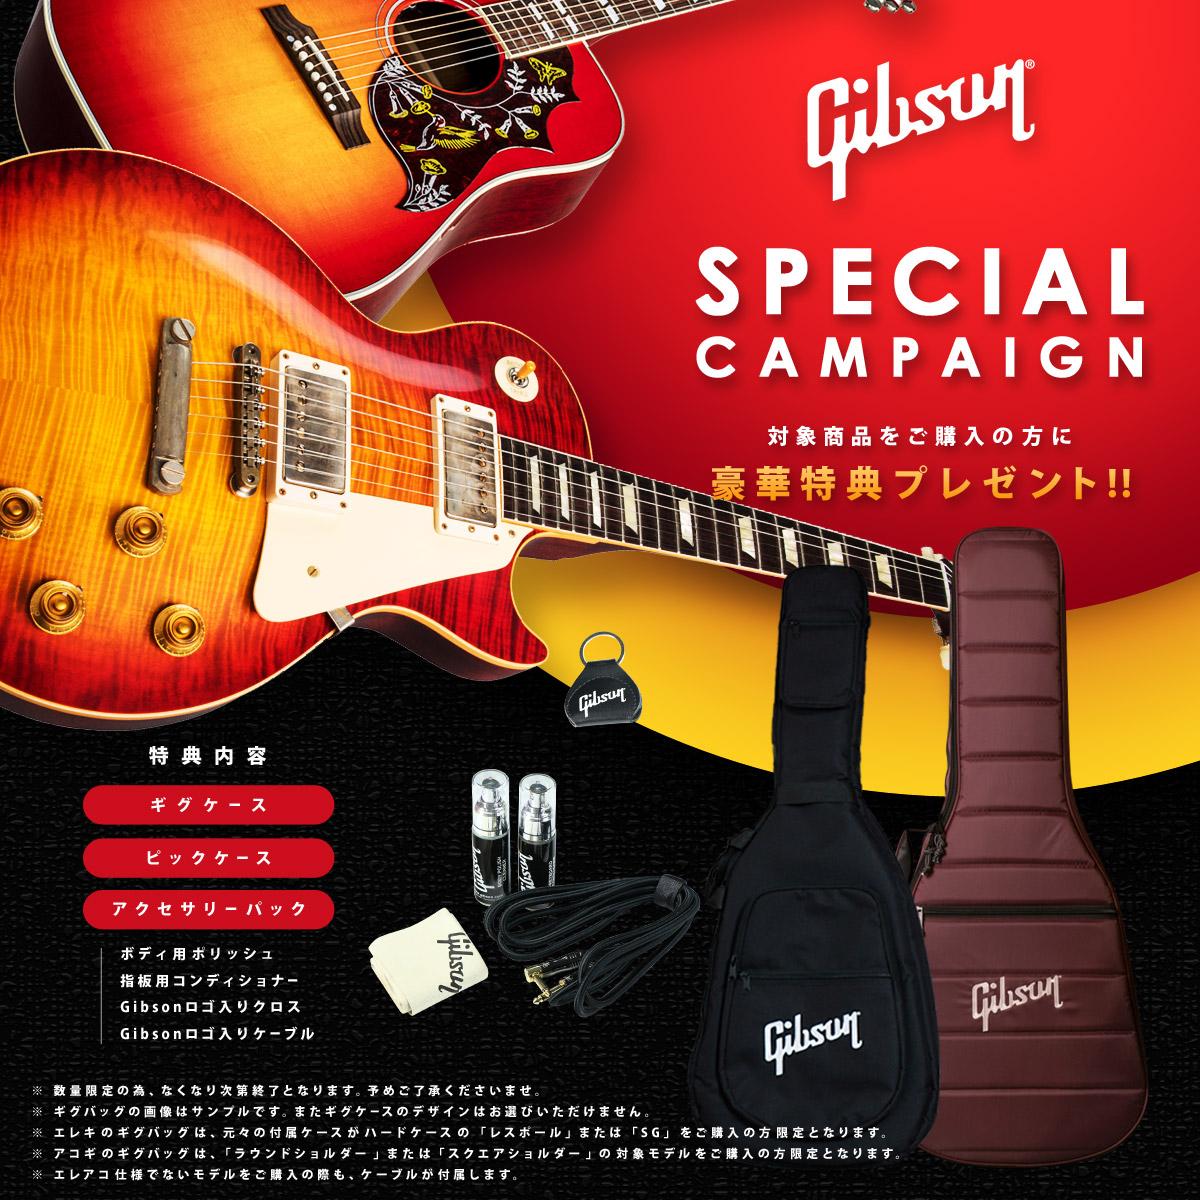 GIBSON CUSTOM ギグバッグプレゼント!!